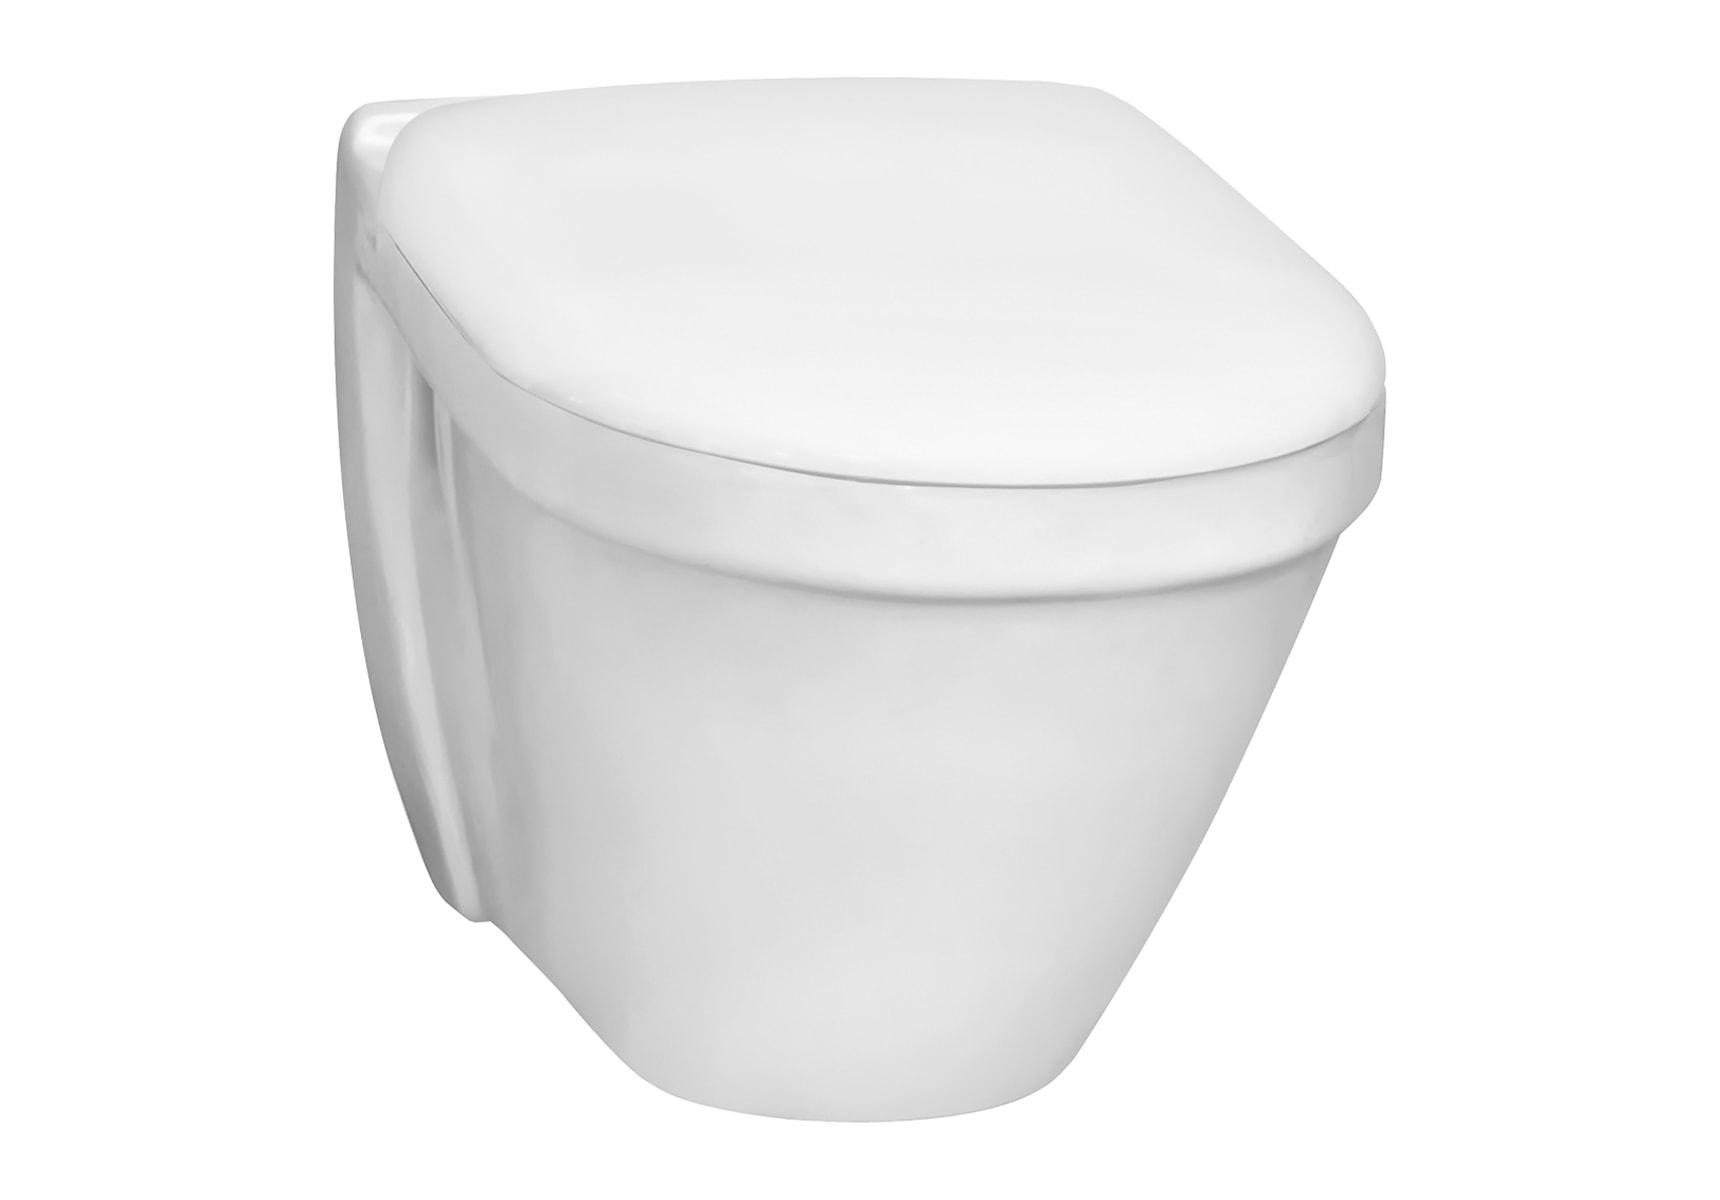 S50 Compact Wall-Hung WC Pan – Short